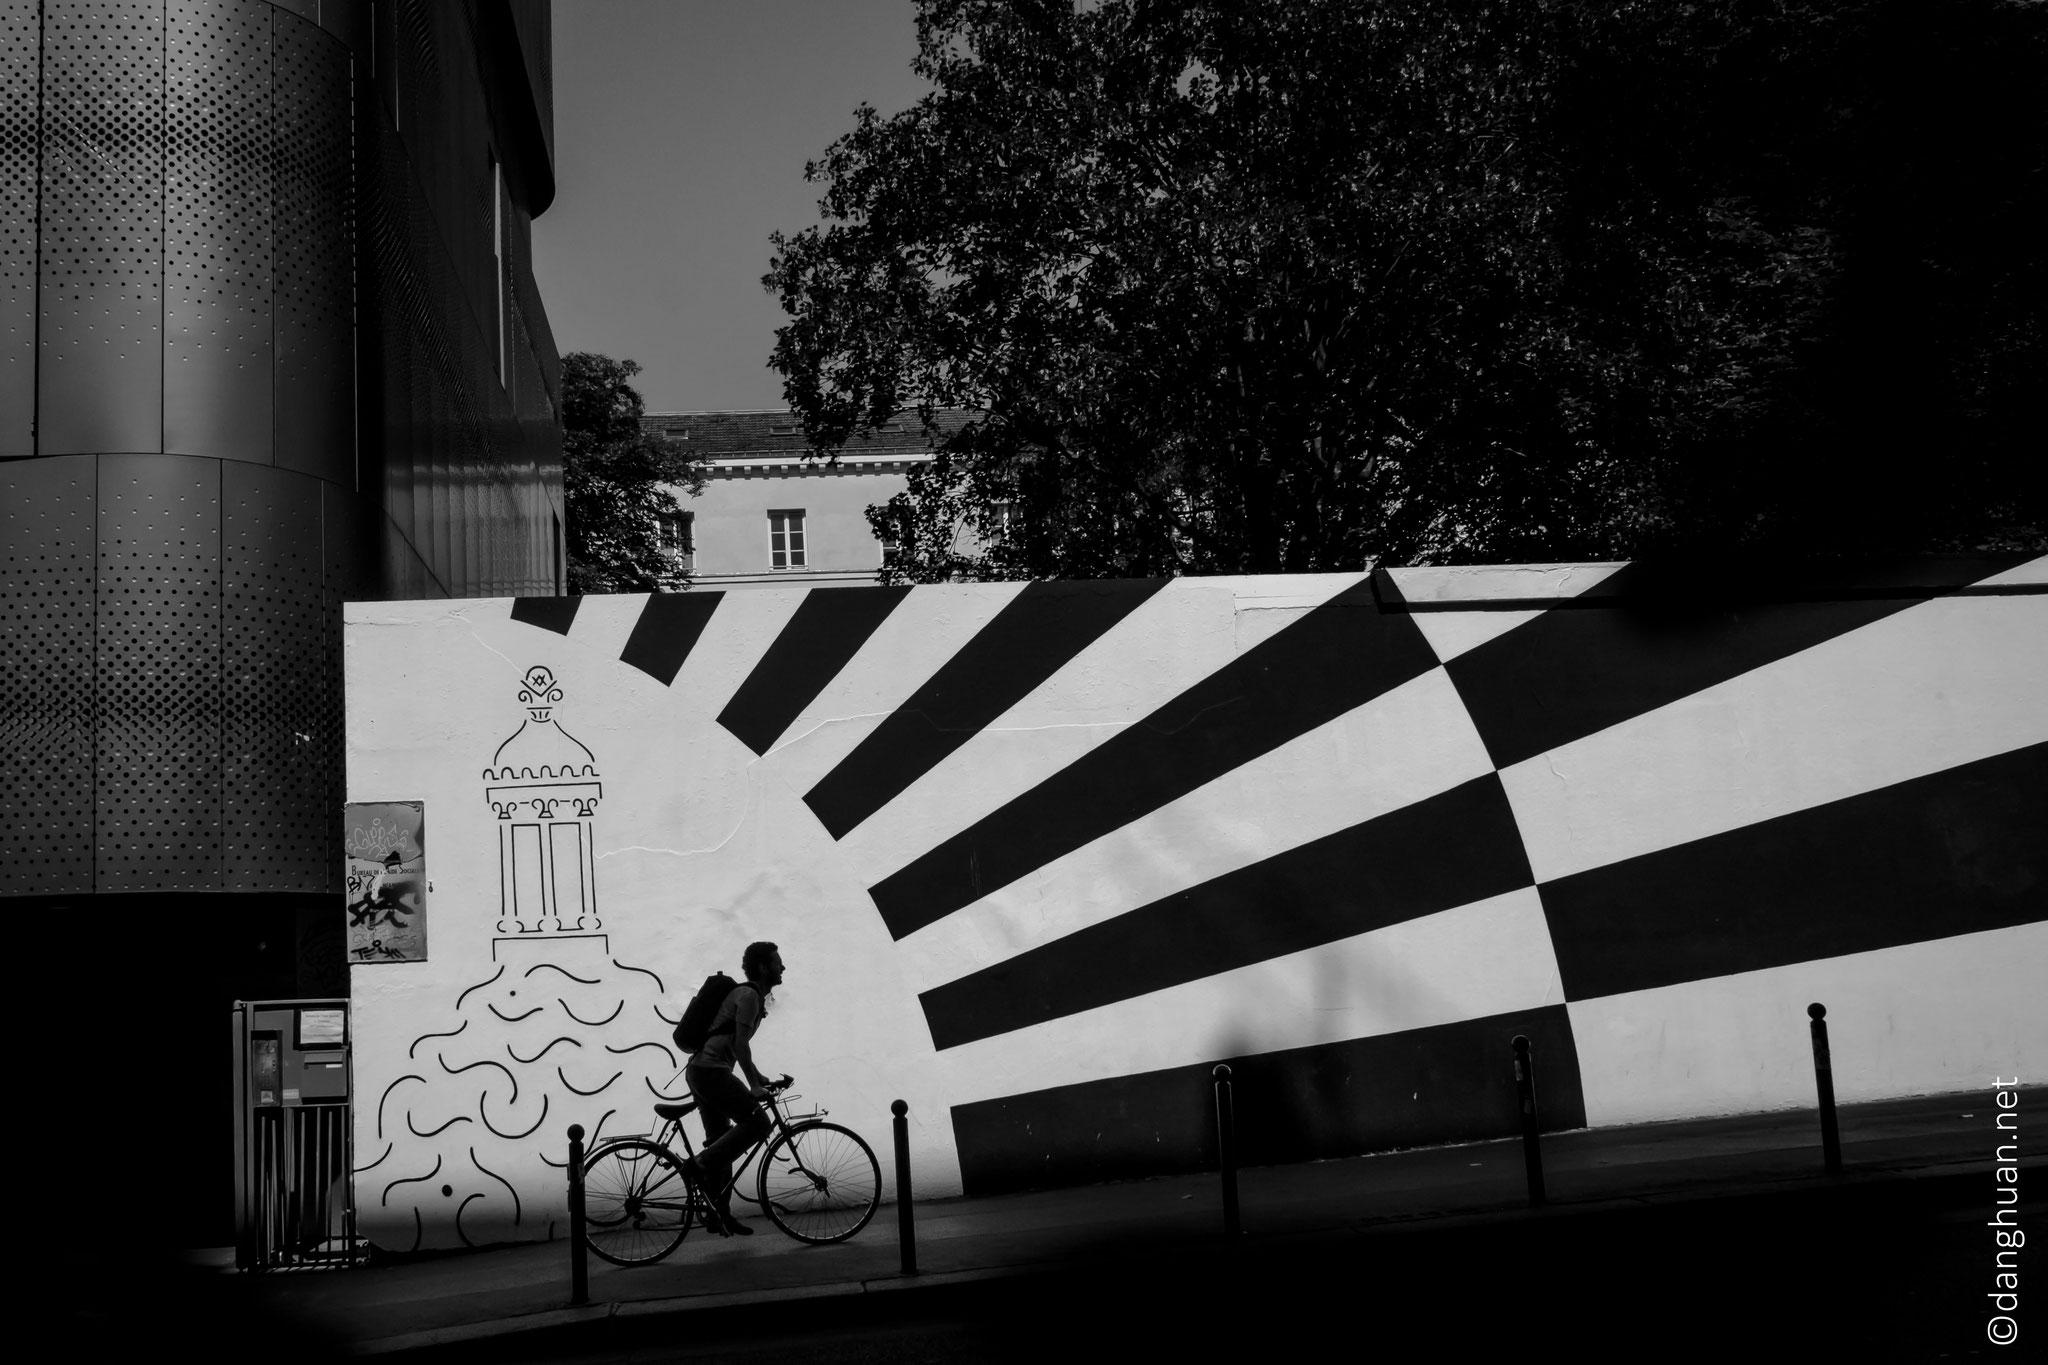 Rue Menilmontant